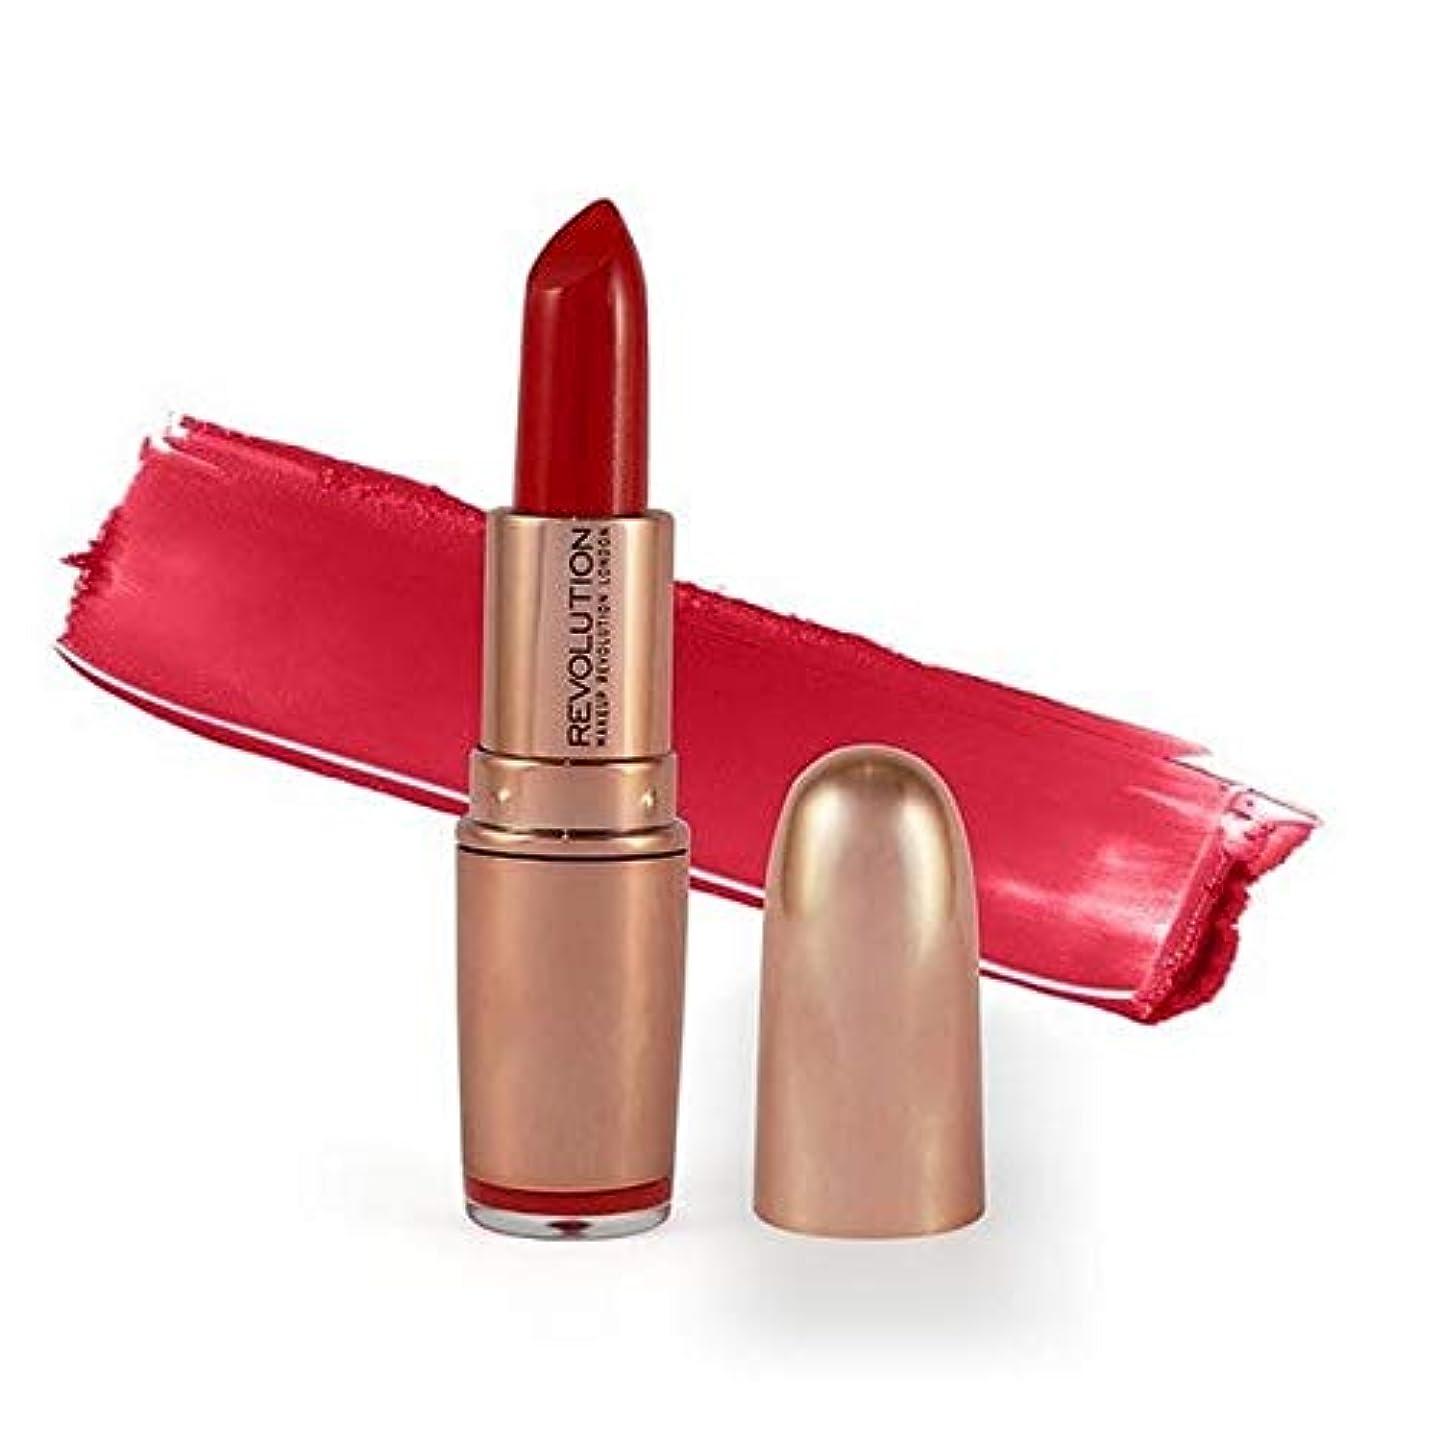 倒産行為市の中心部[Revolution ] 革命は、金口紅レッドカーペット3.2グラムをバラ - Revolution Rose Gold Lipstick Red Carpet 3.2G [並行輸入品]